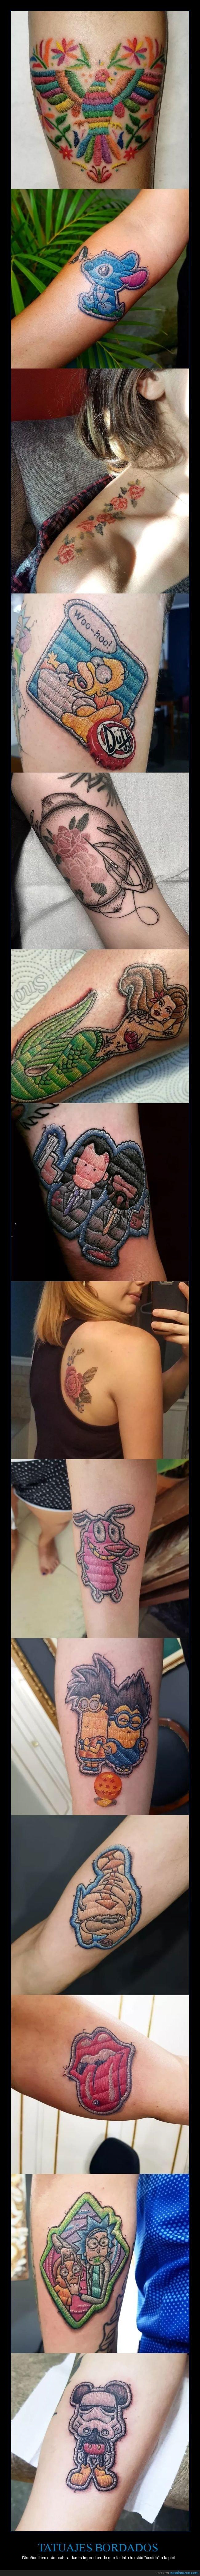 bordados,tatuajes